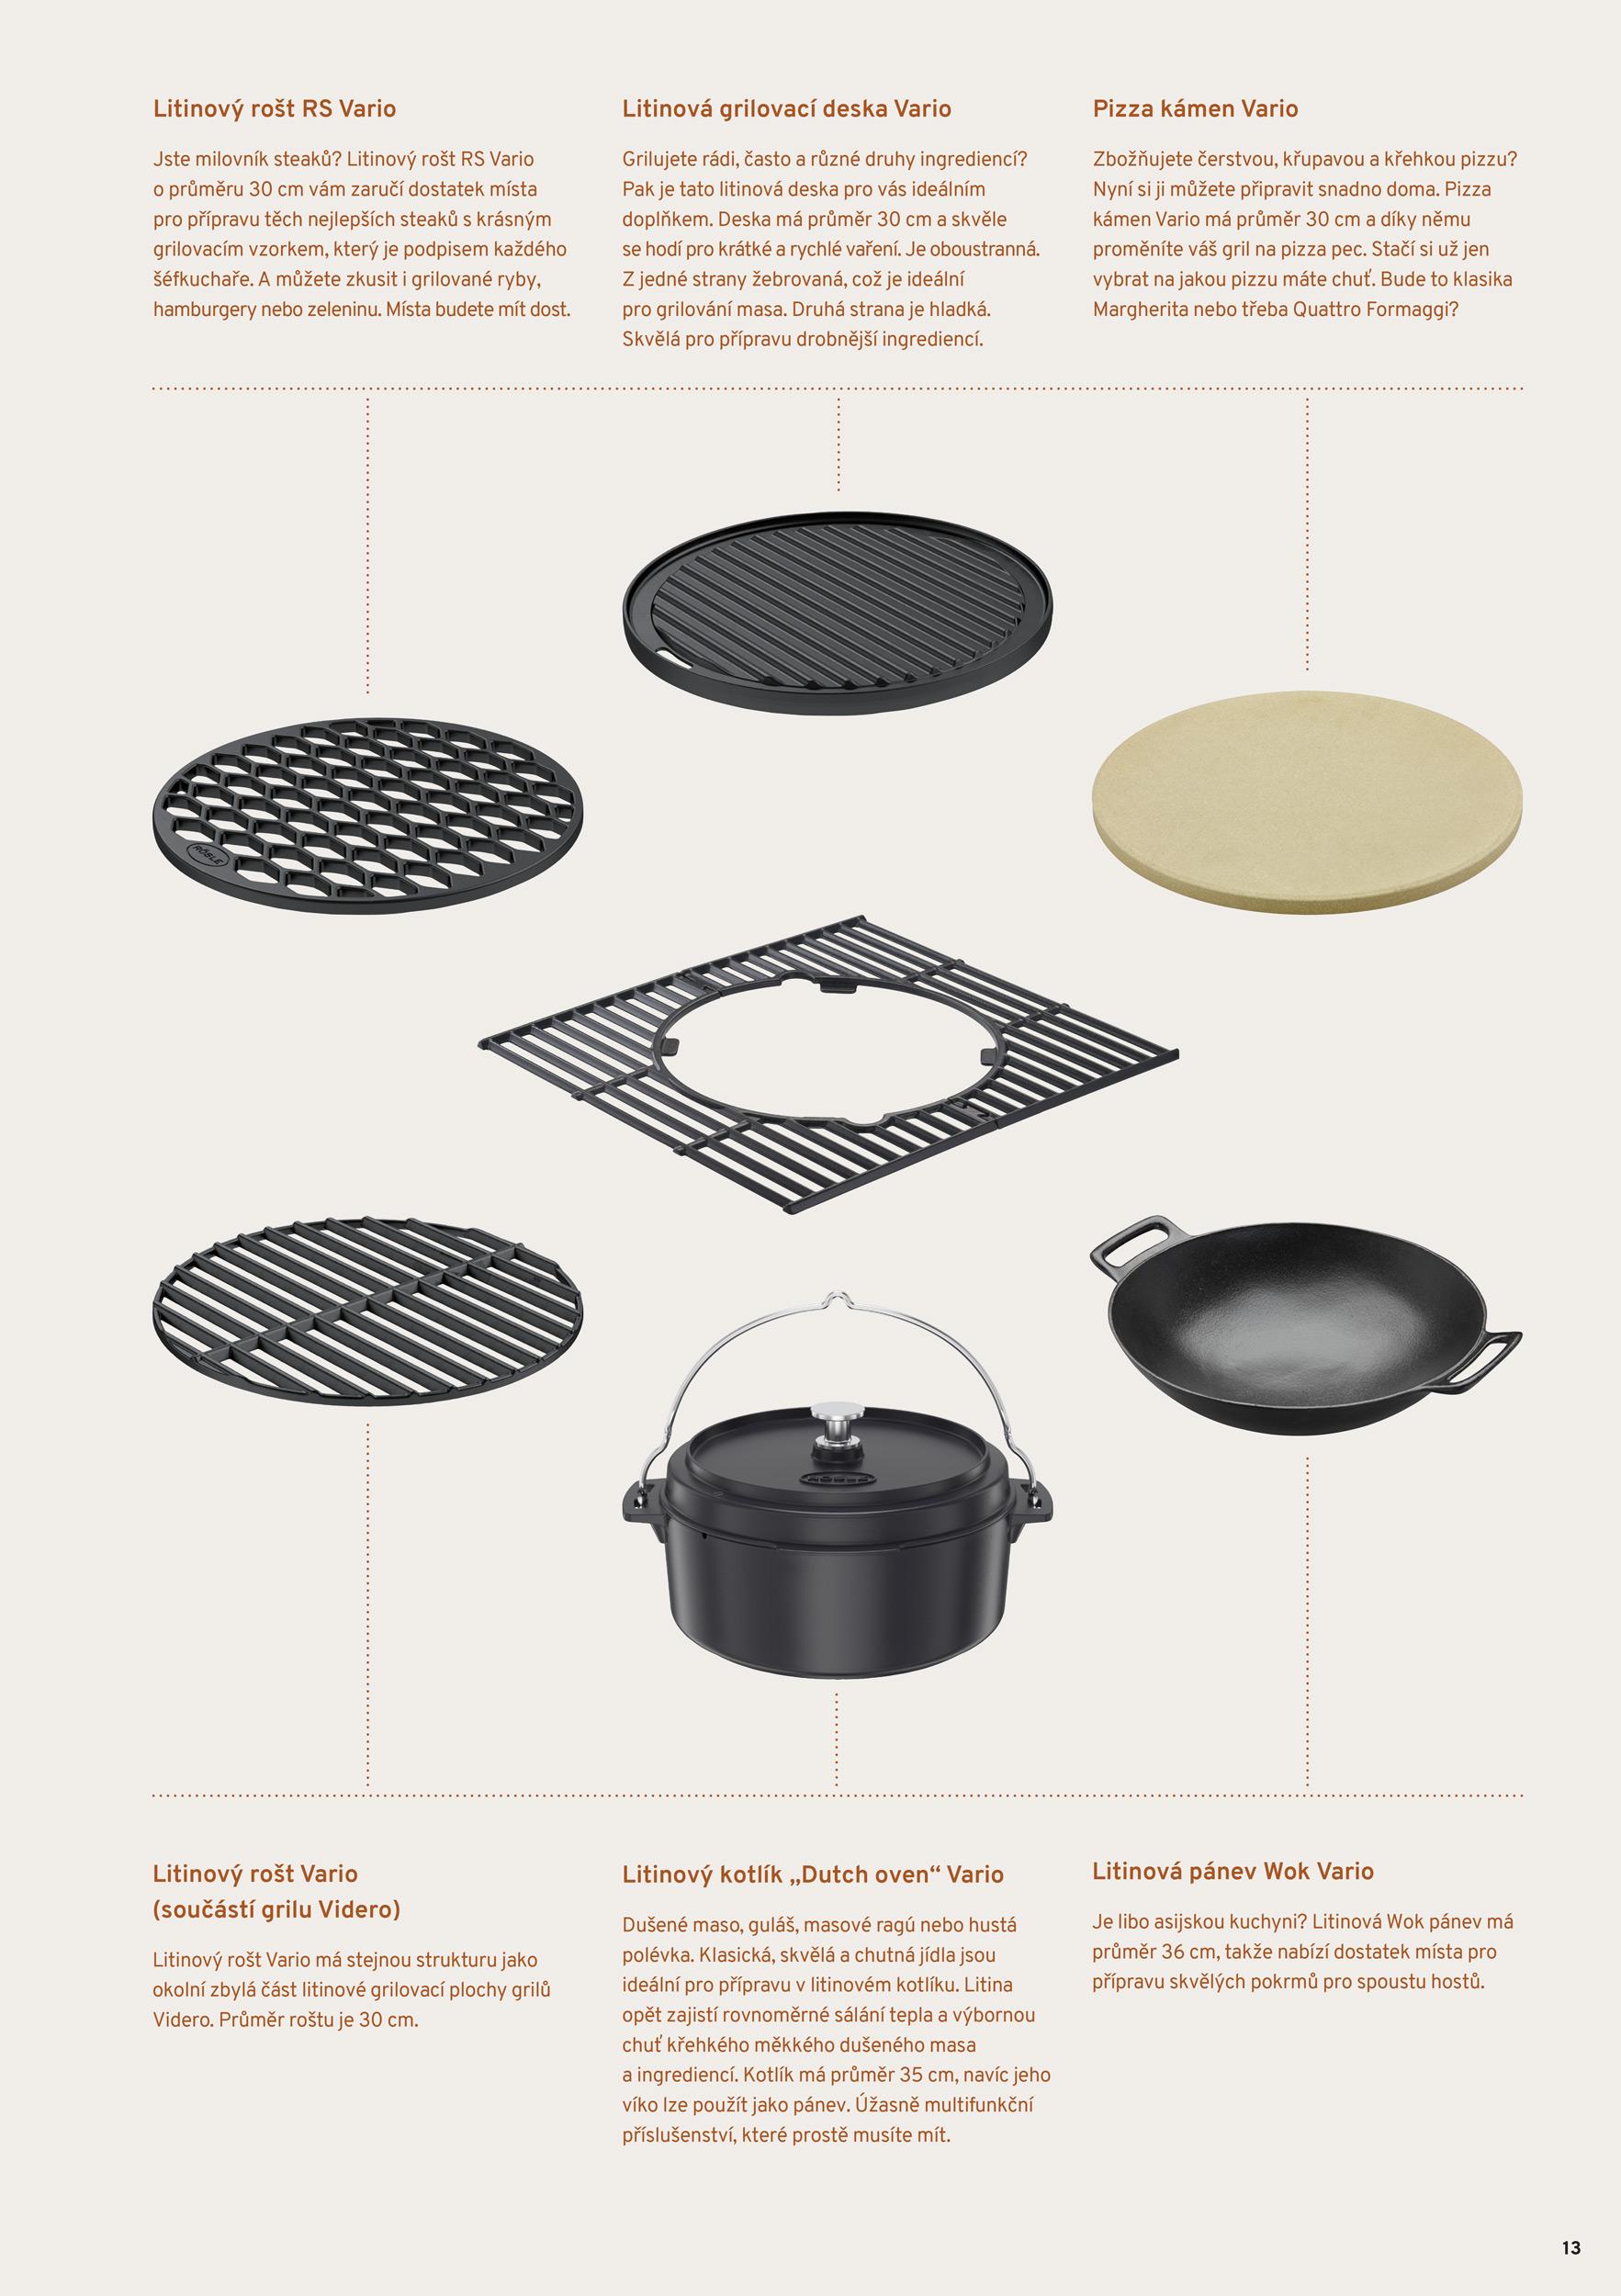 Rozšiřte své kulinářské možnosti s litinovým systémem Vario Všechny plynové grily Videro mají v základním vybavení litinový rošt Vario. Litina je na vaření prostě skvělá. Pevný, robustní materiál, který úžasně absorbuje teplo a pak ho rovnoměrně a postupně zase vydává zpět do připravovaných ingrediencí. Ty se tak vaří, dusí, pečou, grilují či udí rovnoměrně a zůstávají krásně křehké a šťavnaté.